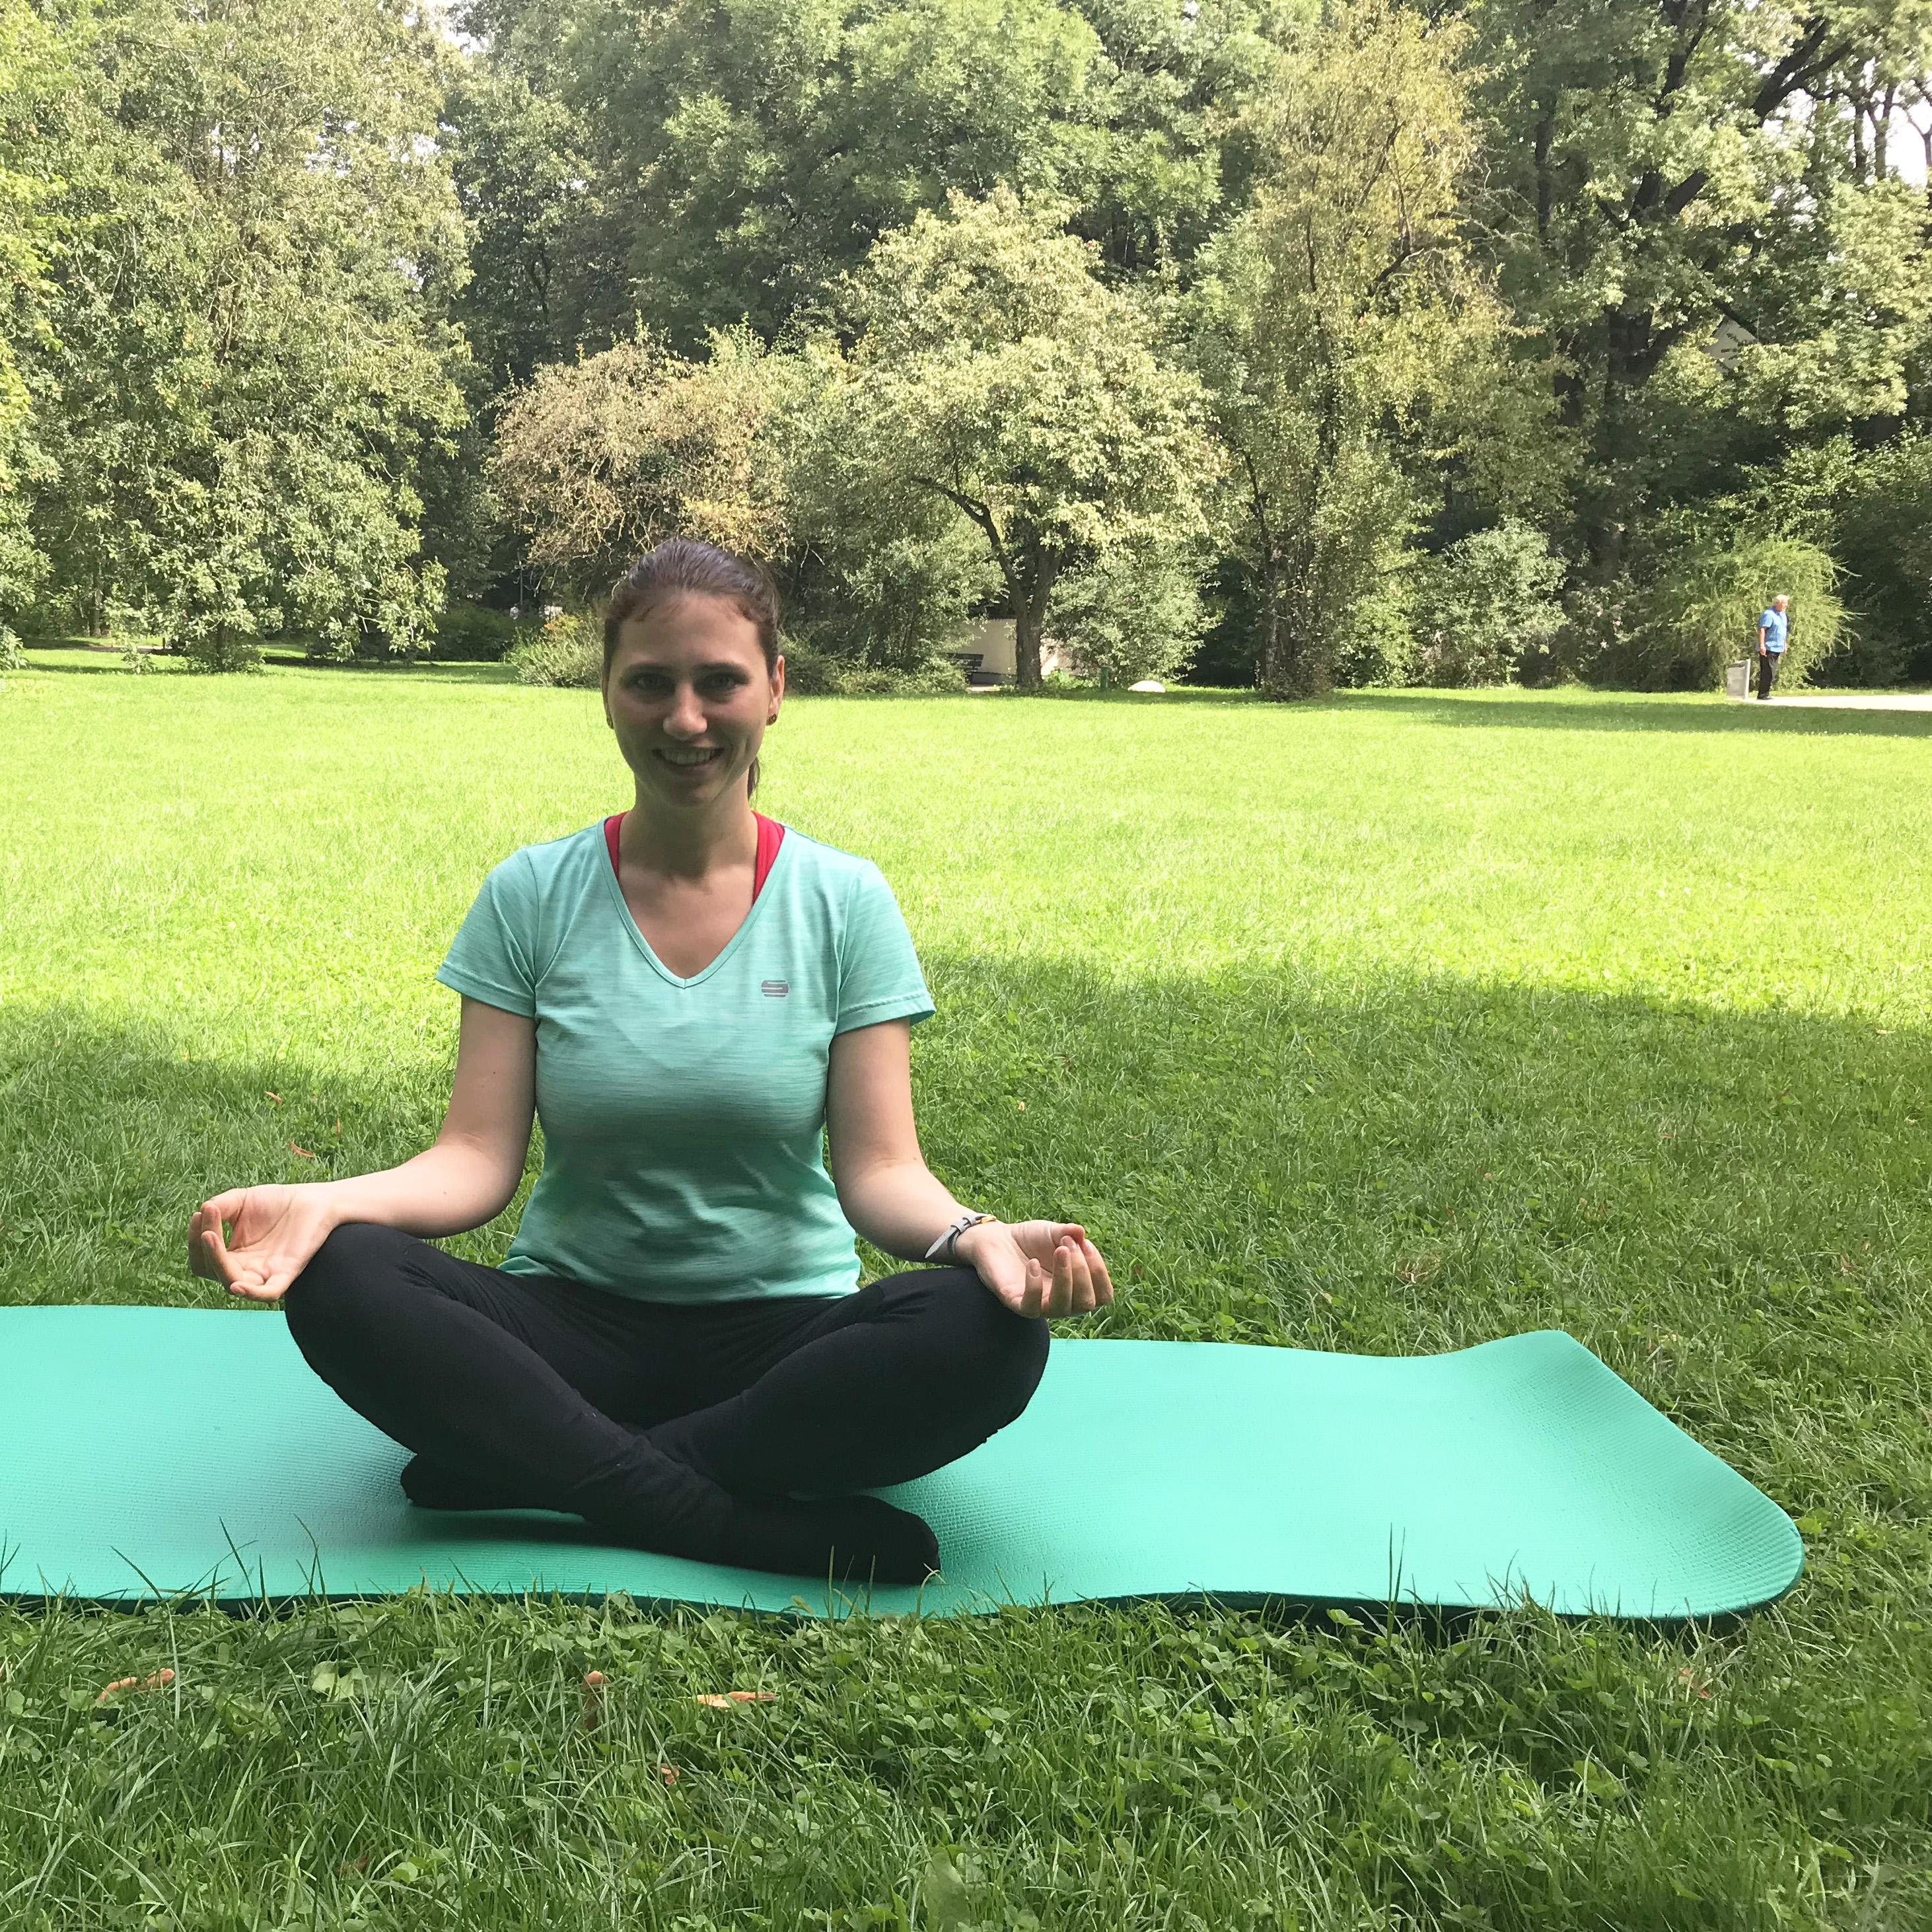 Sarah meditiert im Park auf einer Yogamatte